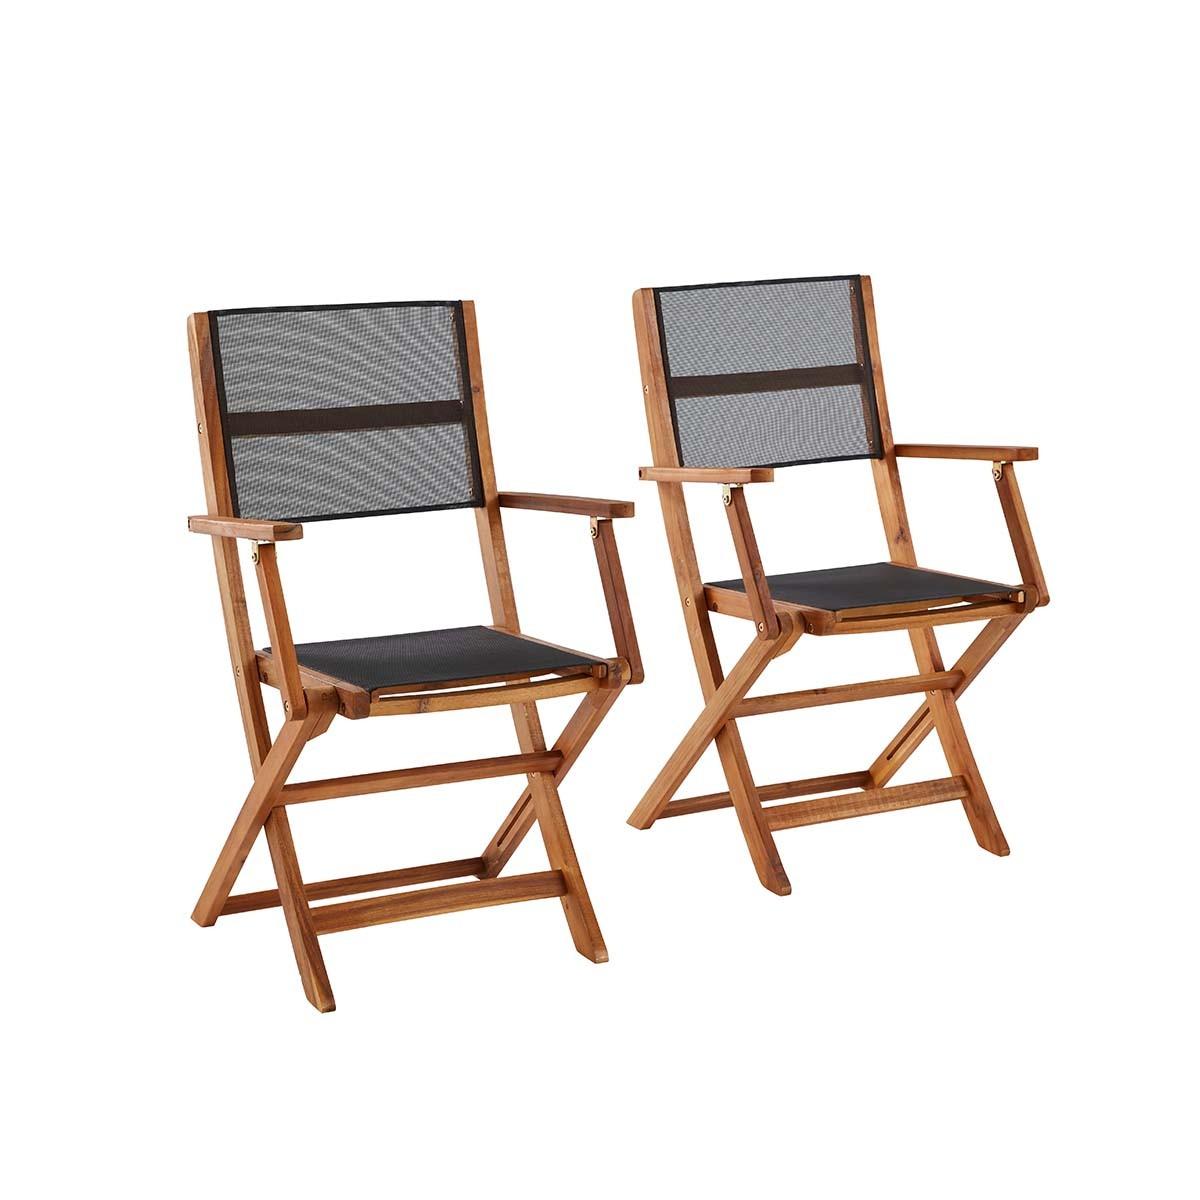 2 fauteuils pliants en bois d'acacia et textilène